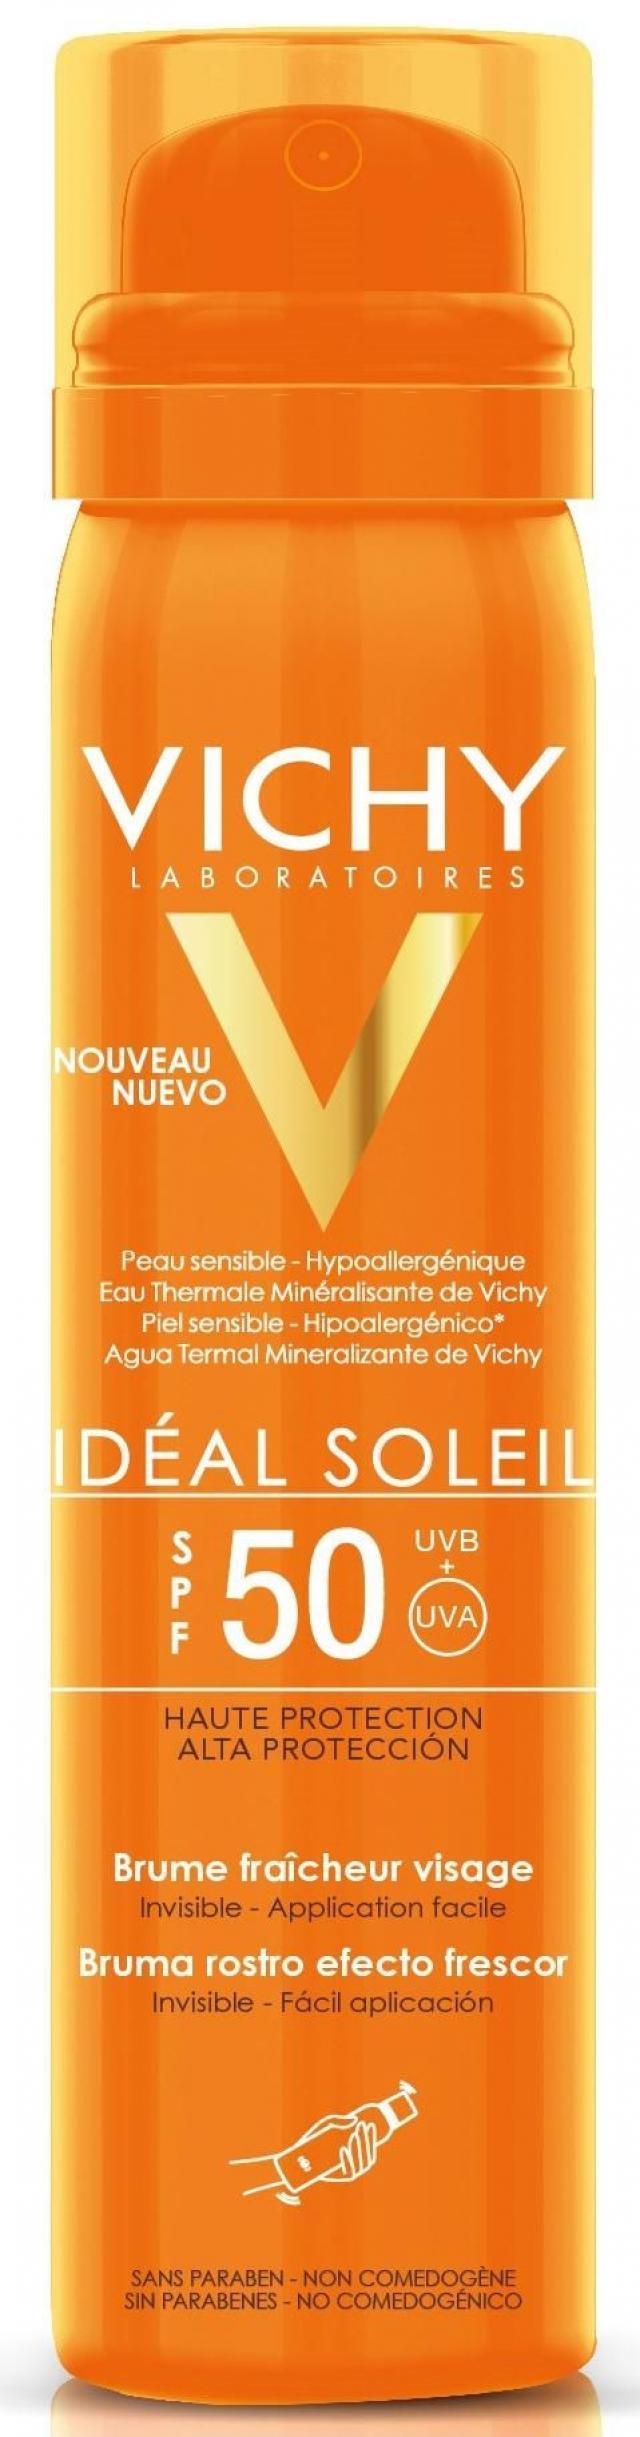 Виши Идеал Солей спрей-вуаль солнцезащитный для лица SPF50 75мл купить в Москве по цене от 895 рублей